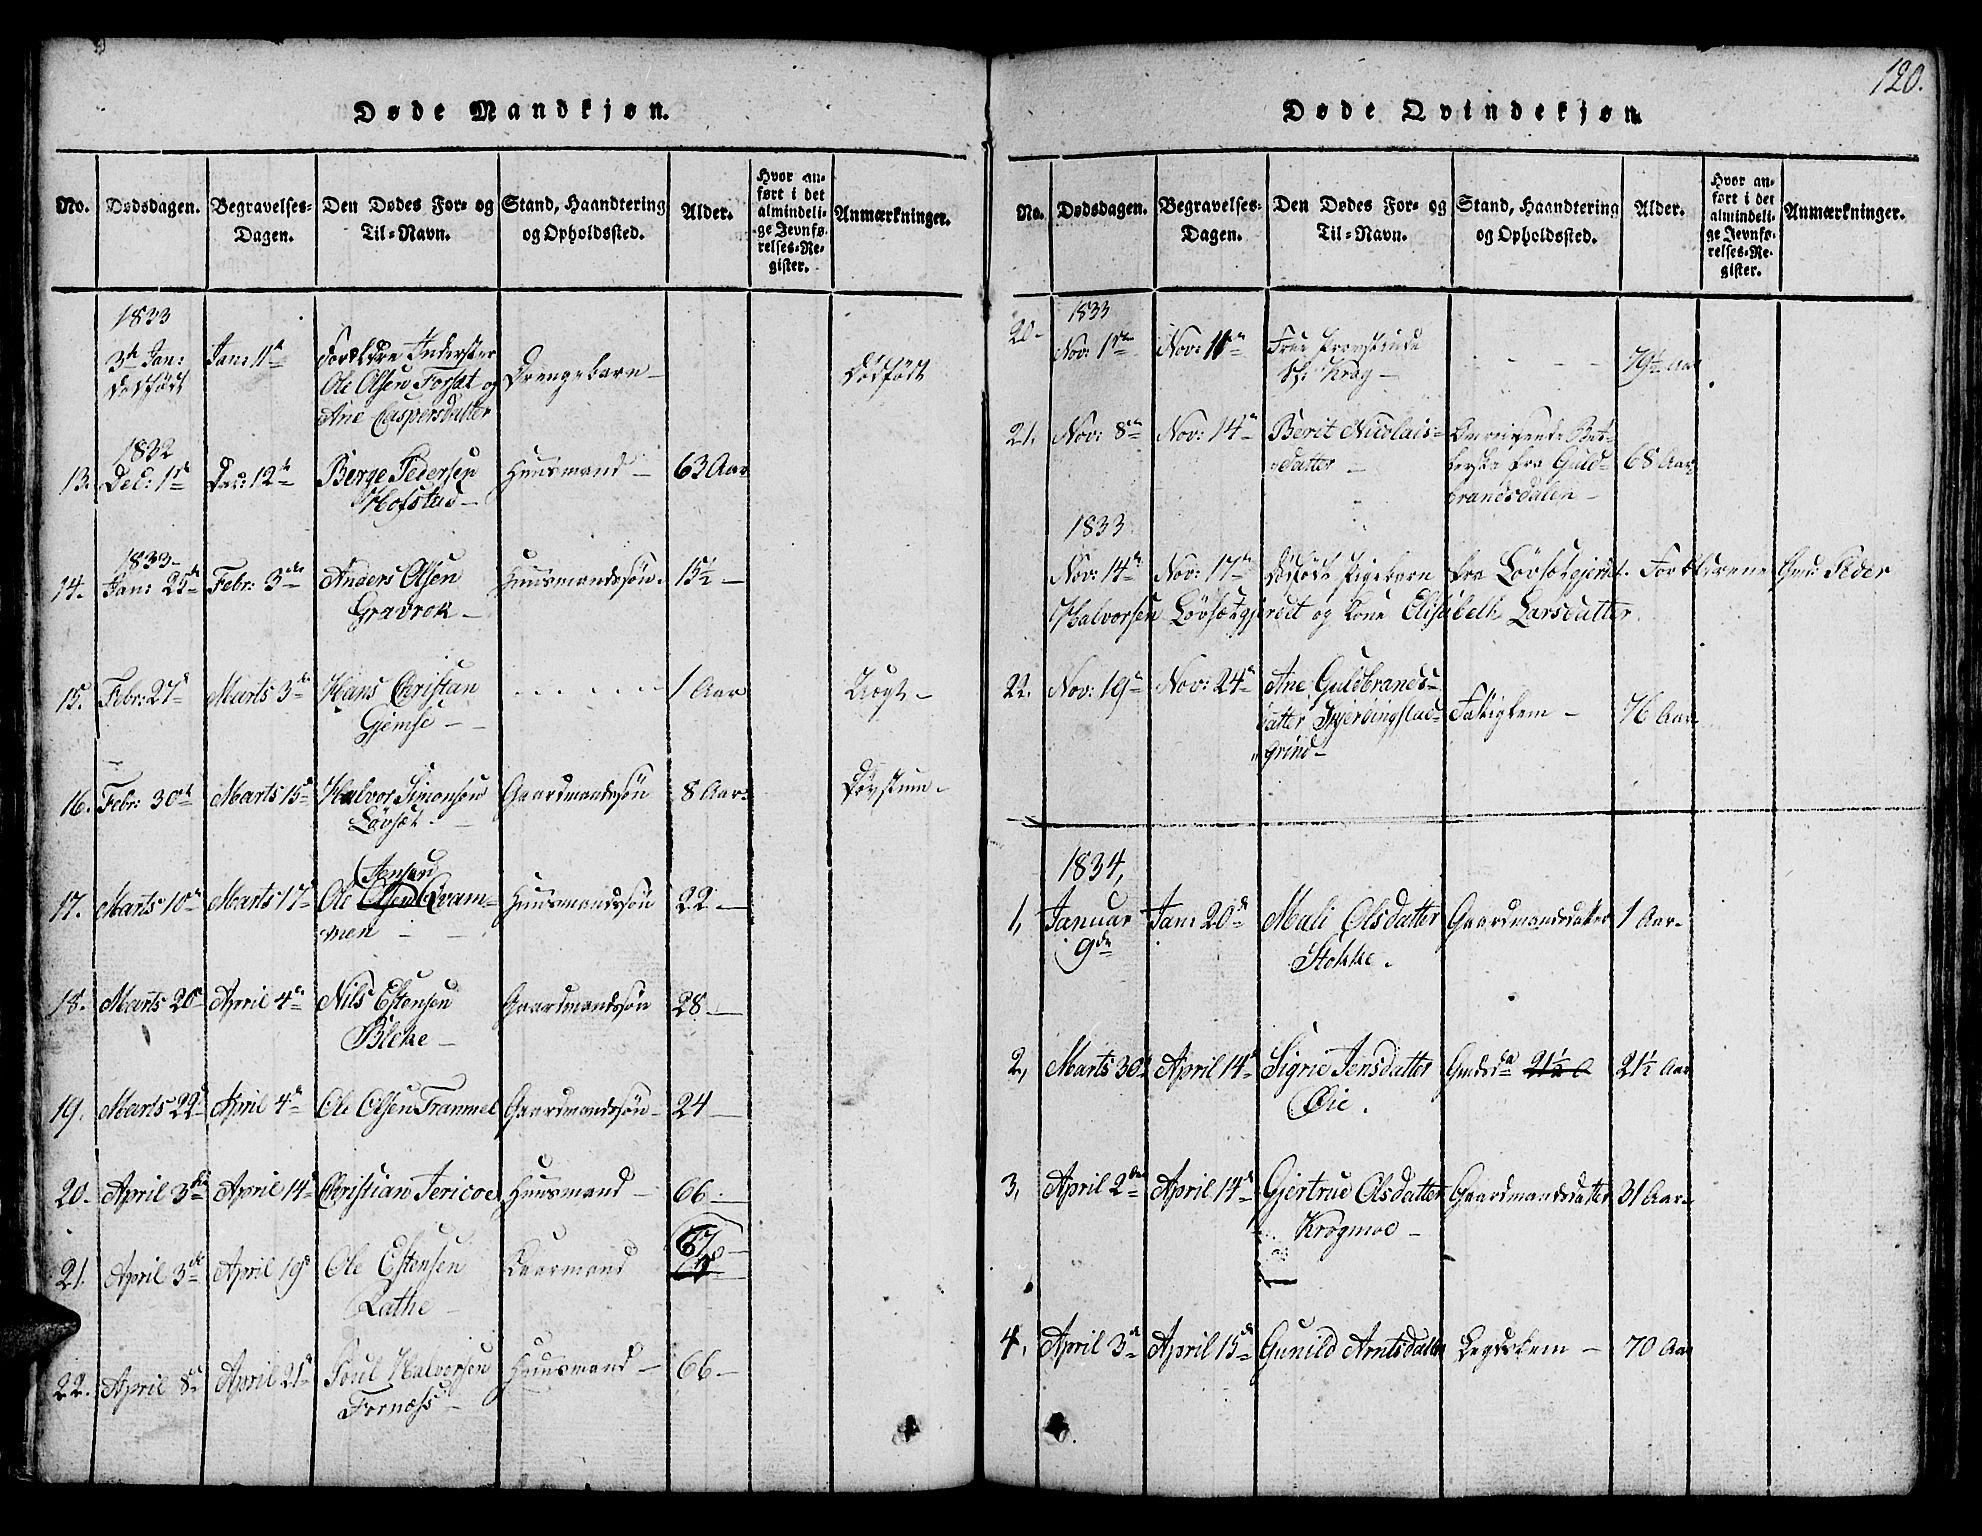 SAT, Ministerialprotokoller, klokkerbøker og fødselsregistre - Sør-Trøndelag, 691/L1092: Klokkerbok nr. 691C03, 1816-1852, s. 120